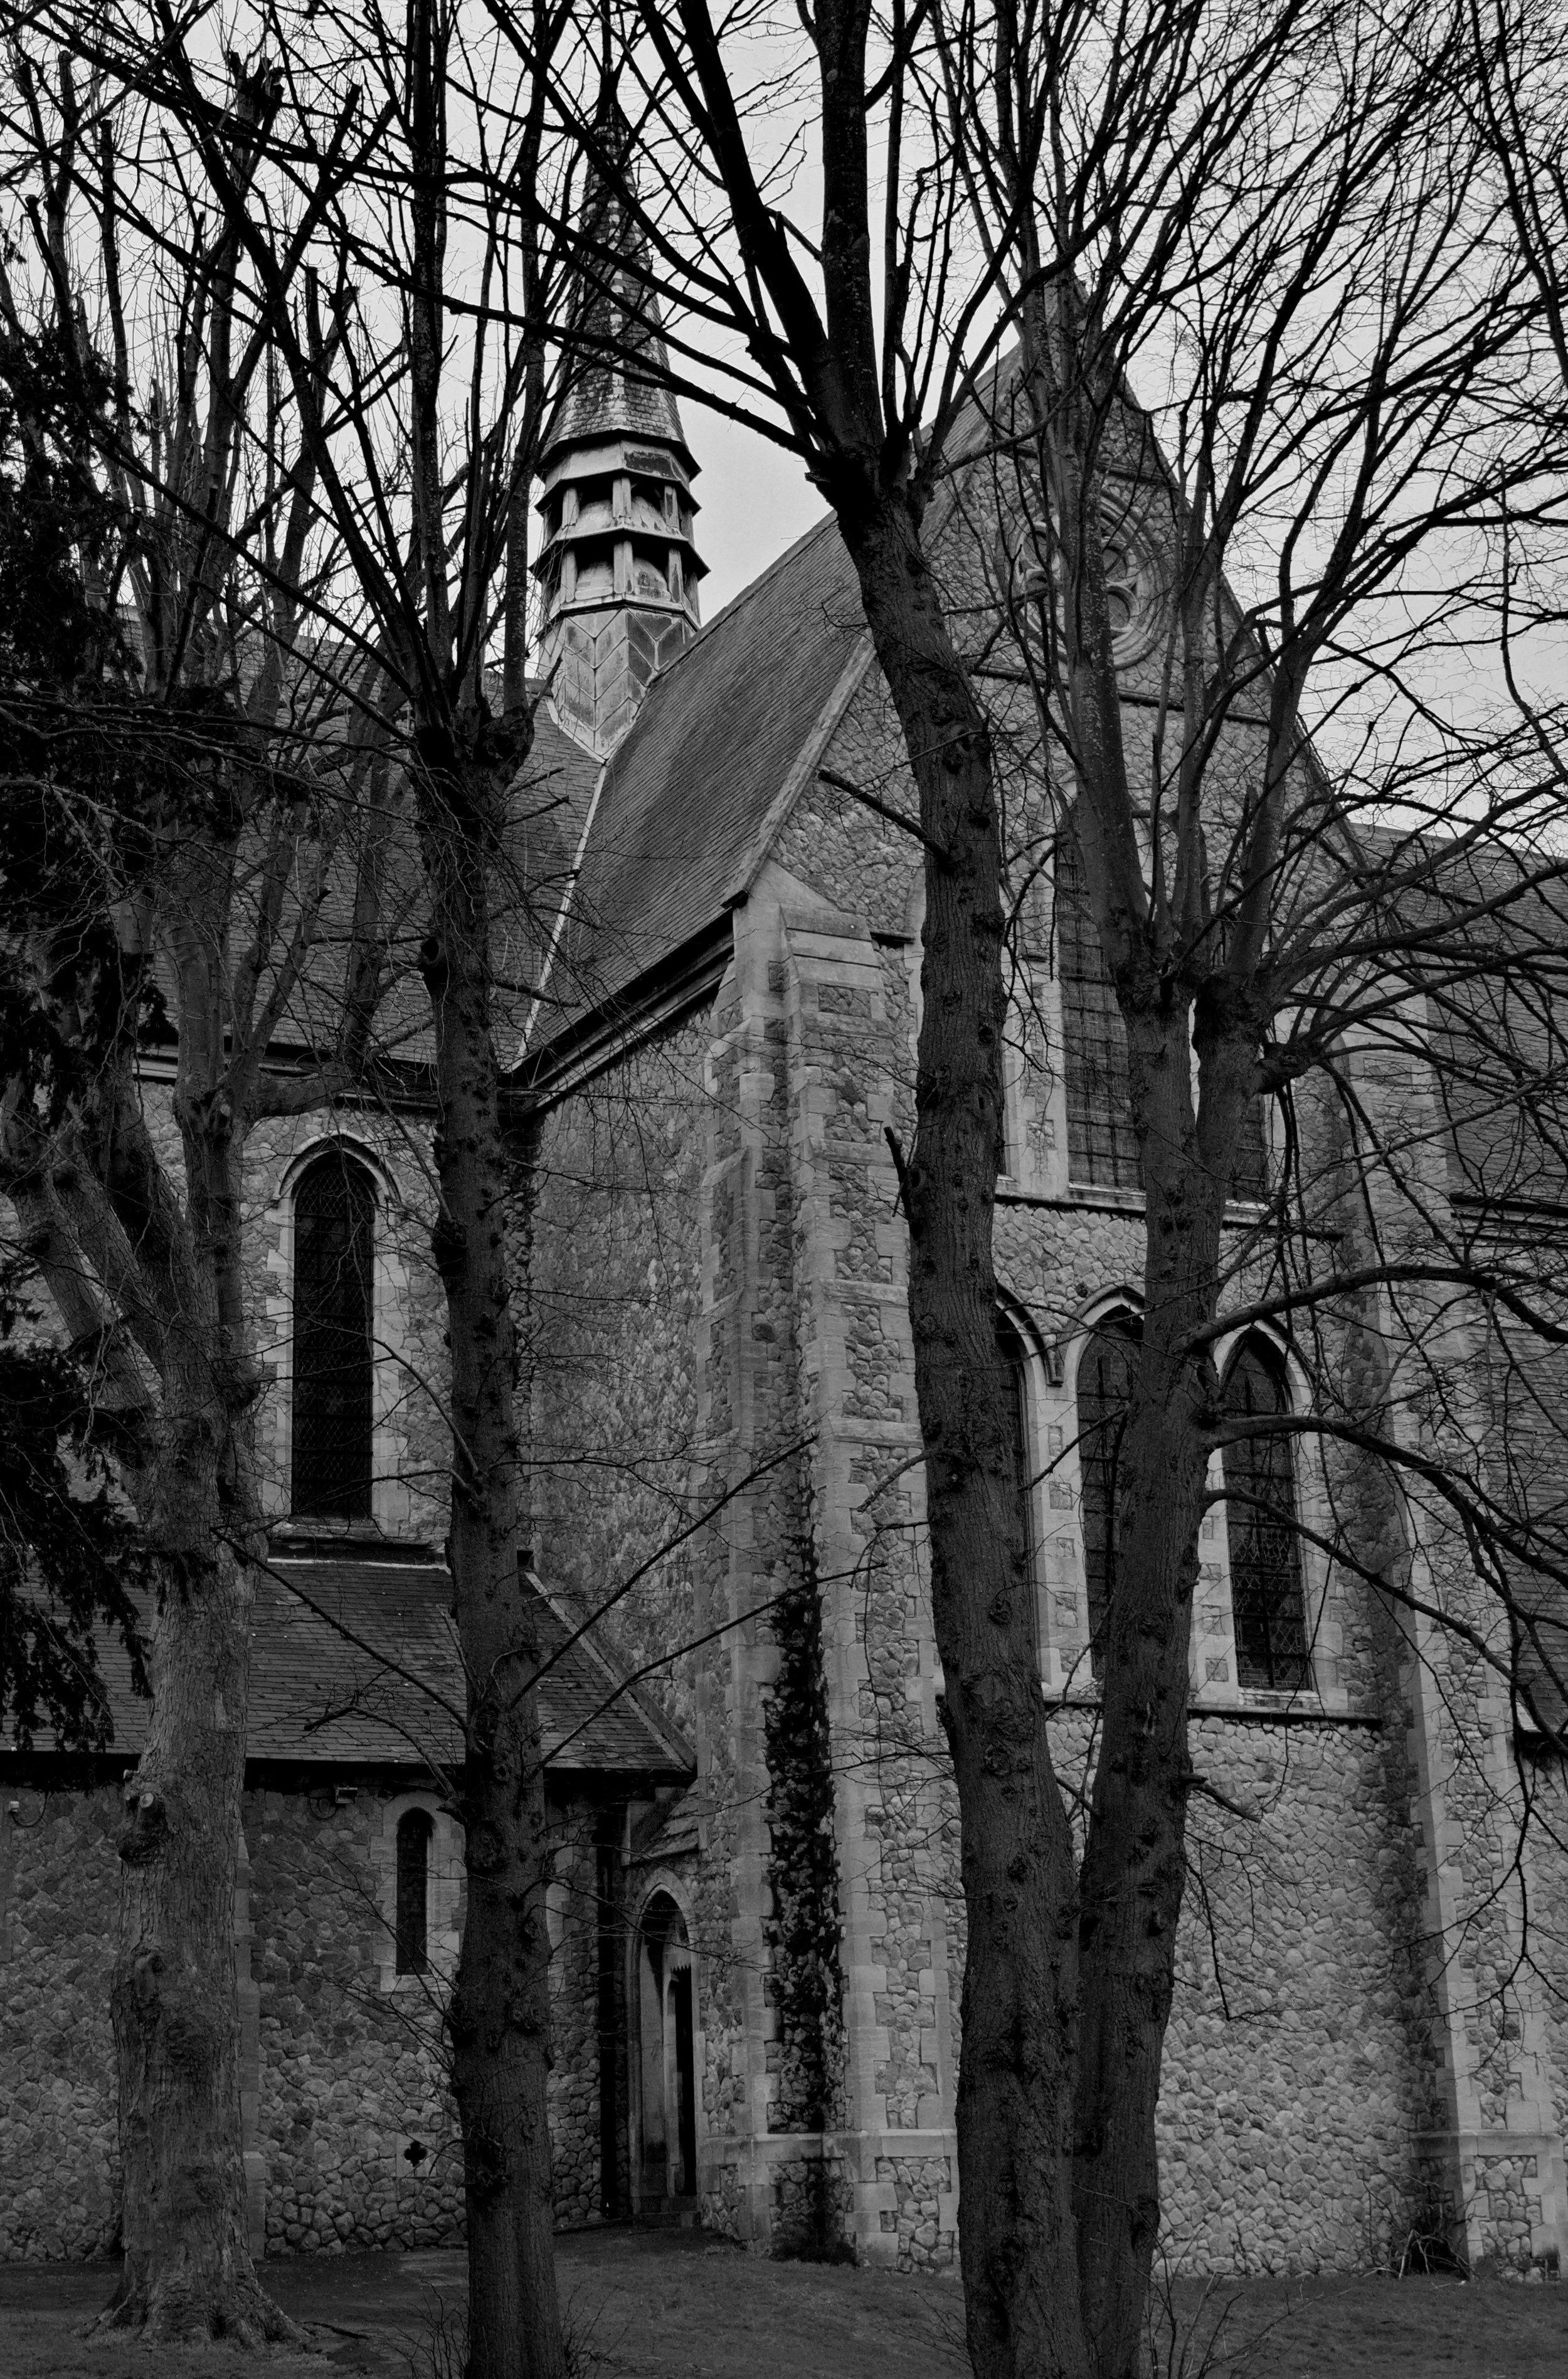 st-peter--st-pauls-church-dover_30023207327_o.jpg